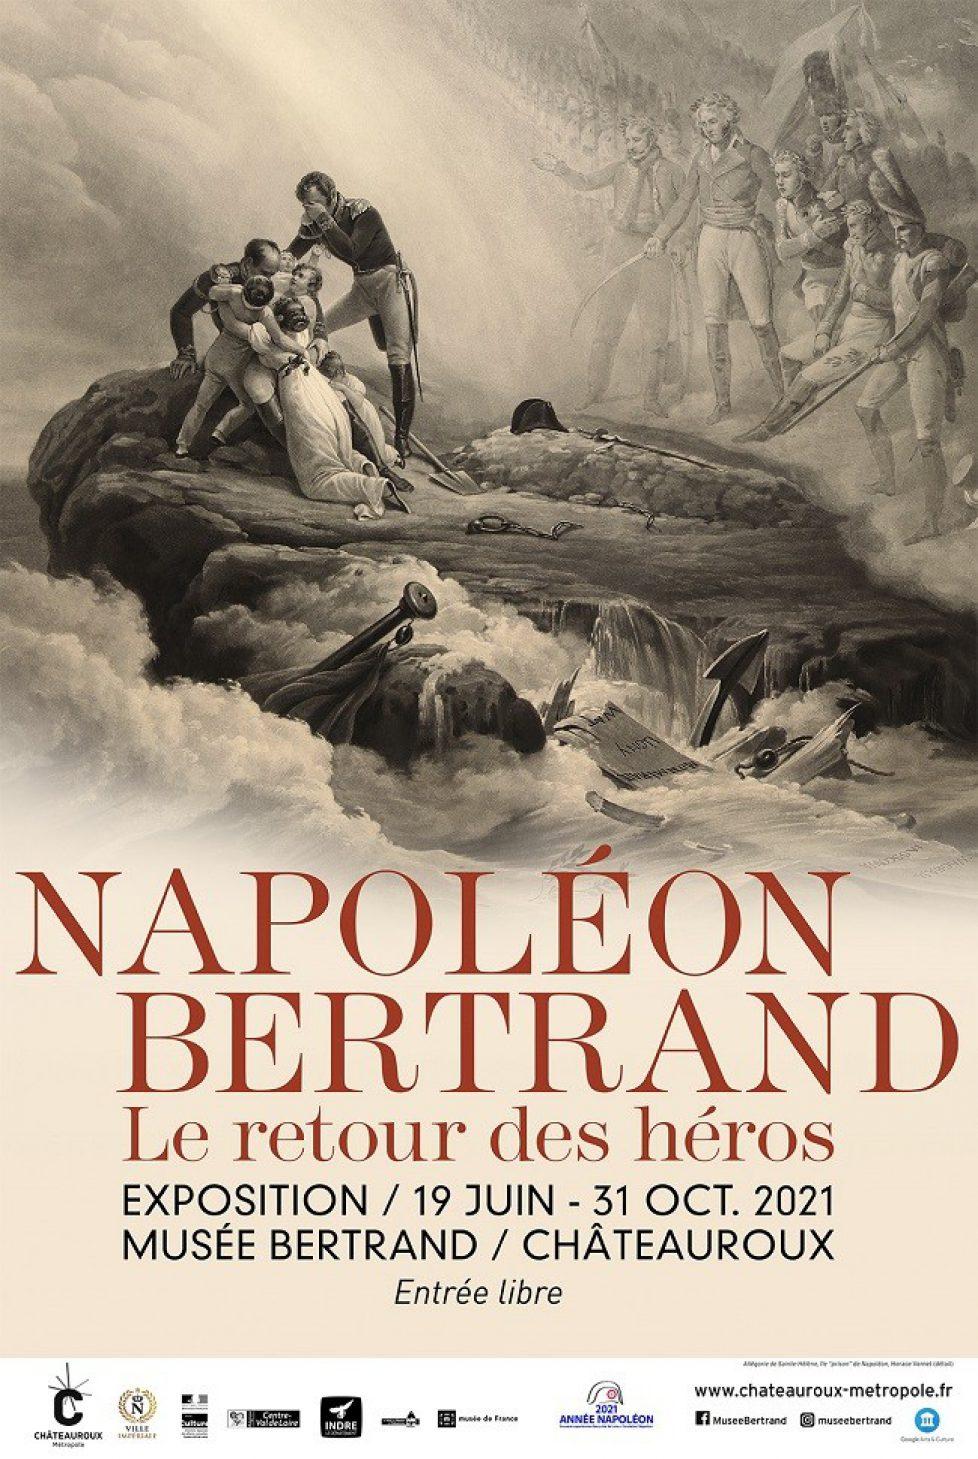 napoleon_bertrand_aff40x60-tt-width-650-height-970-fill-0-crop-0-bgcolor-eeeeee-lazyload-0